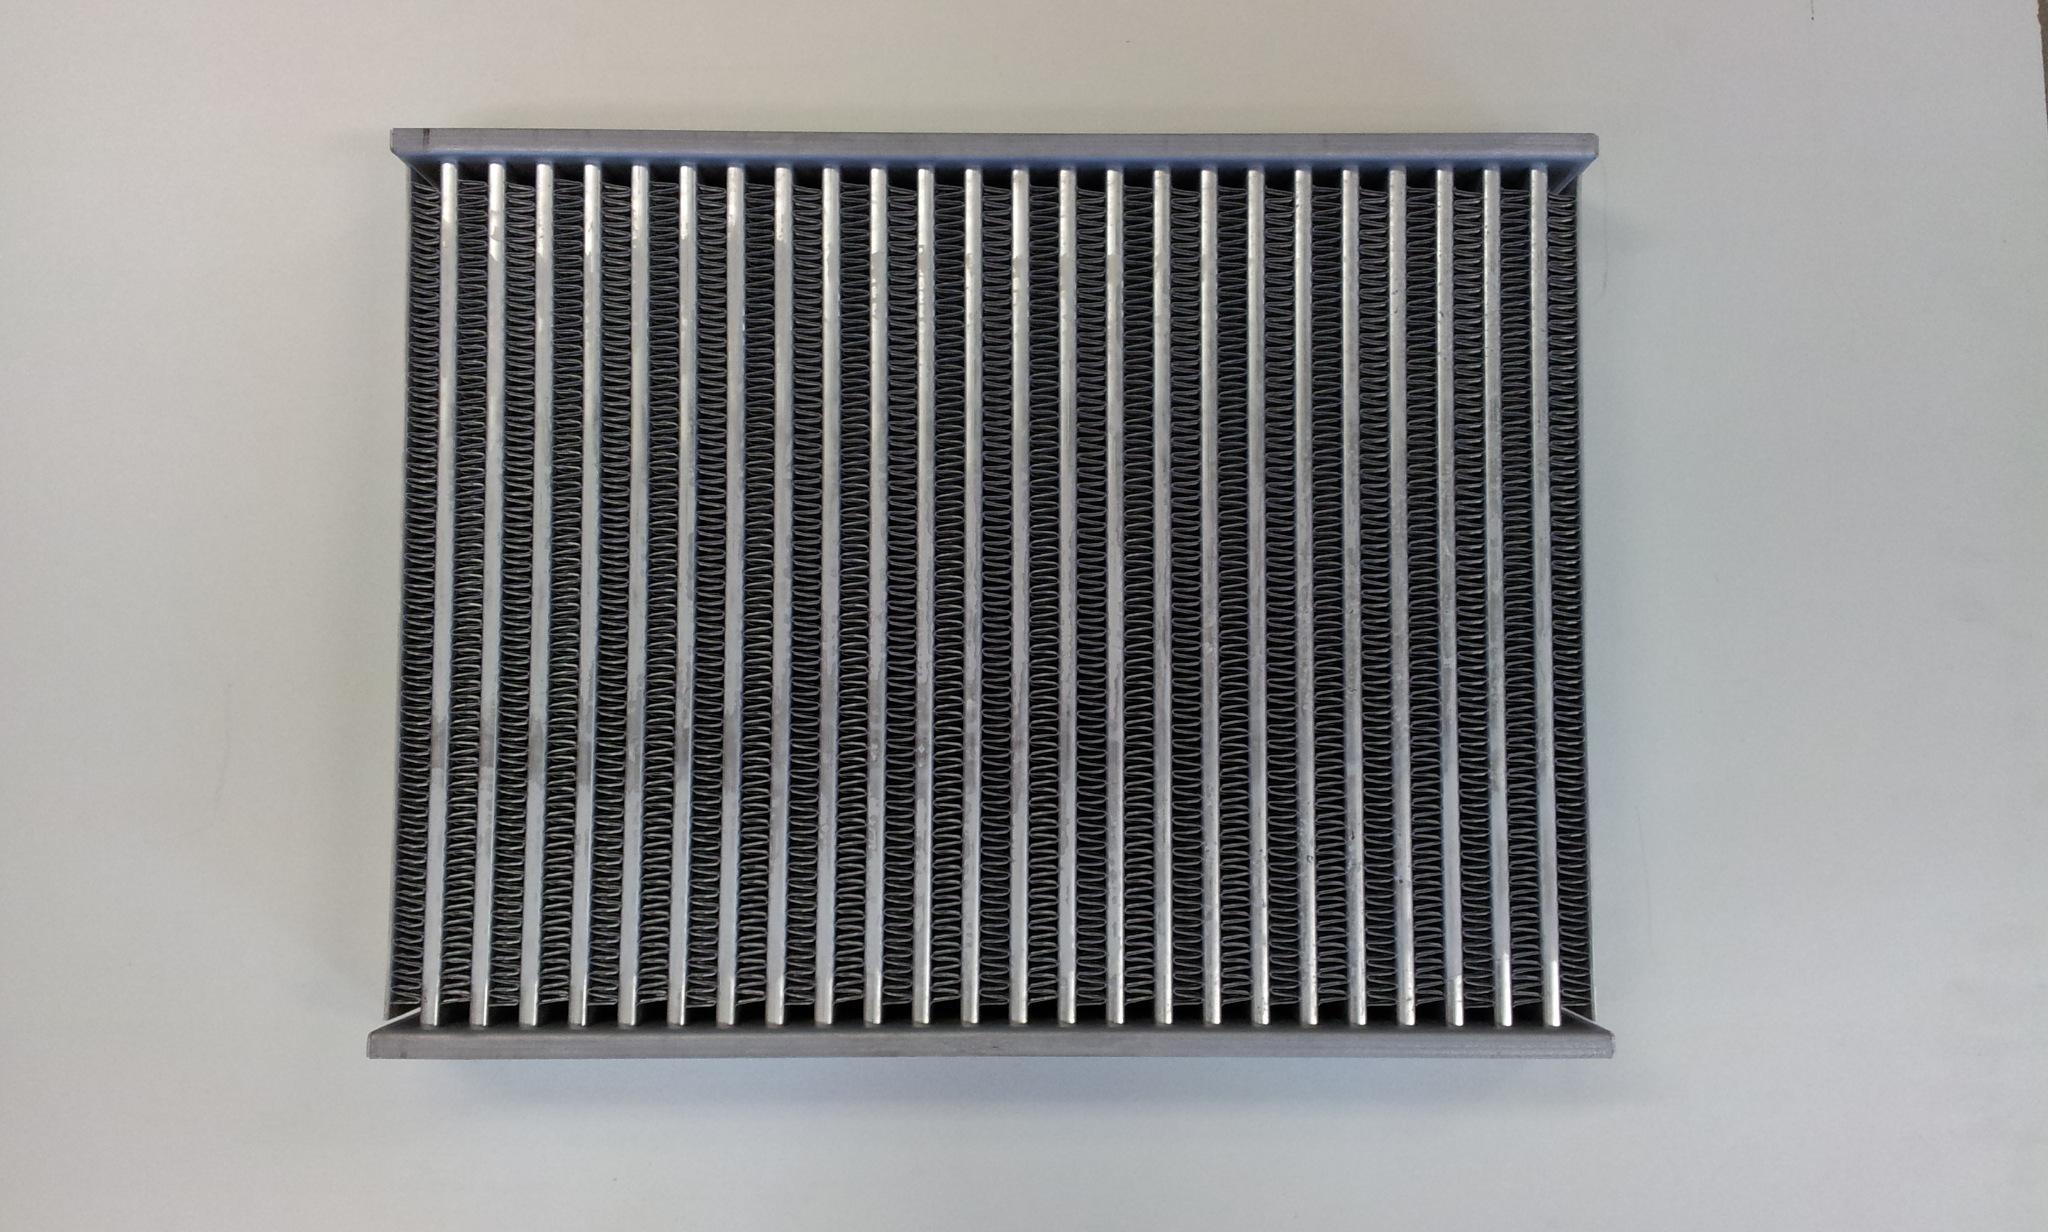 Interkoeler blok 350 x 775 x 62 mm-0